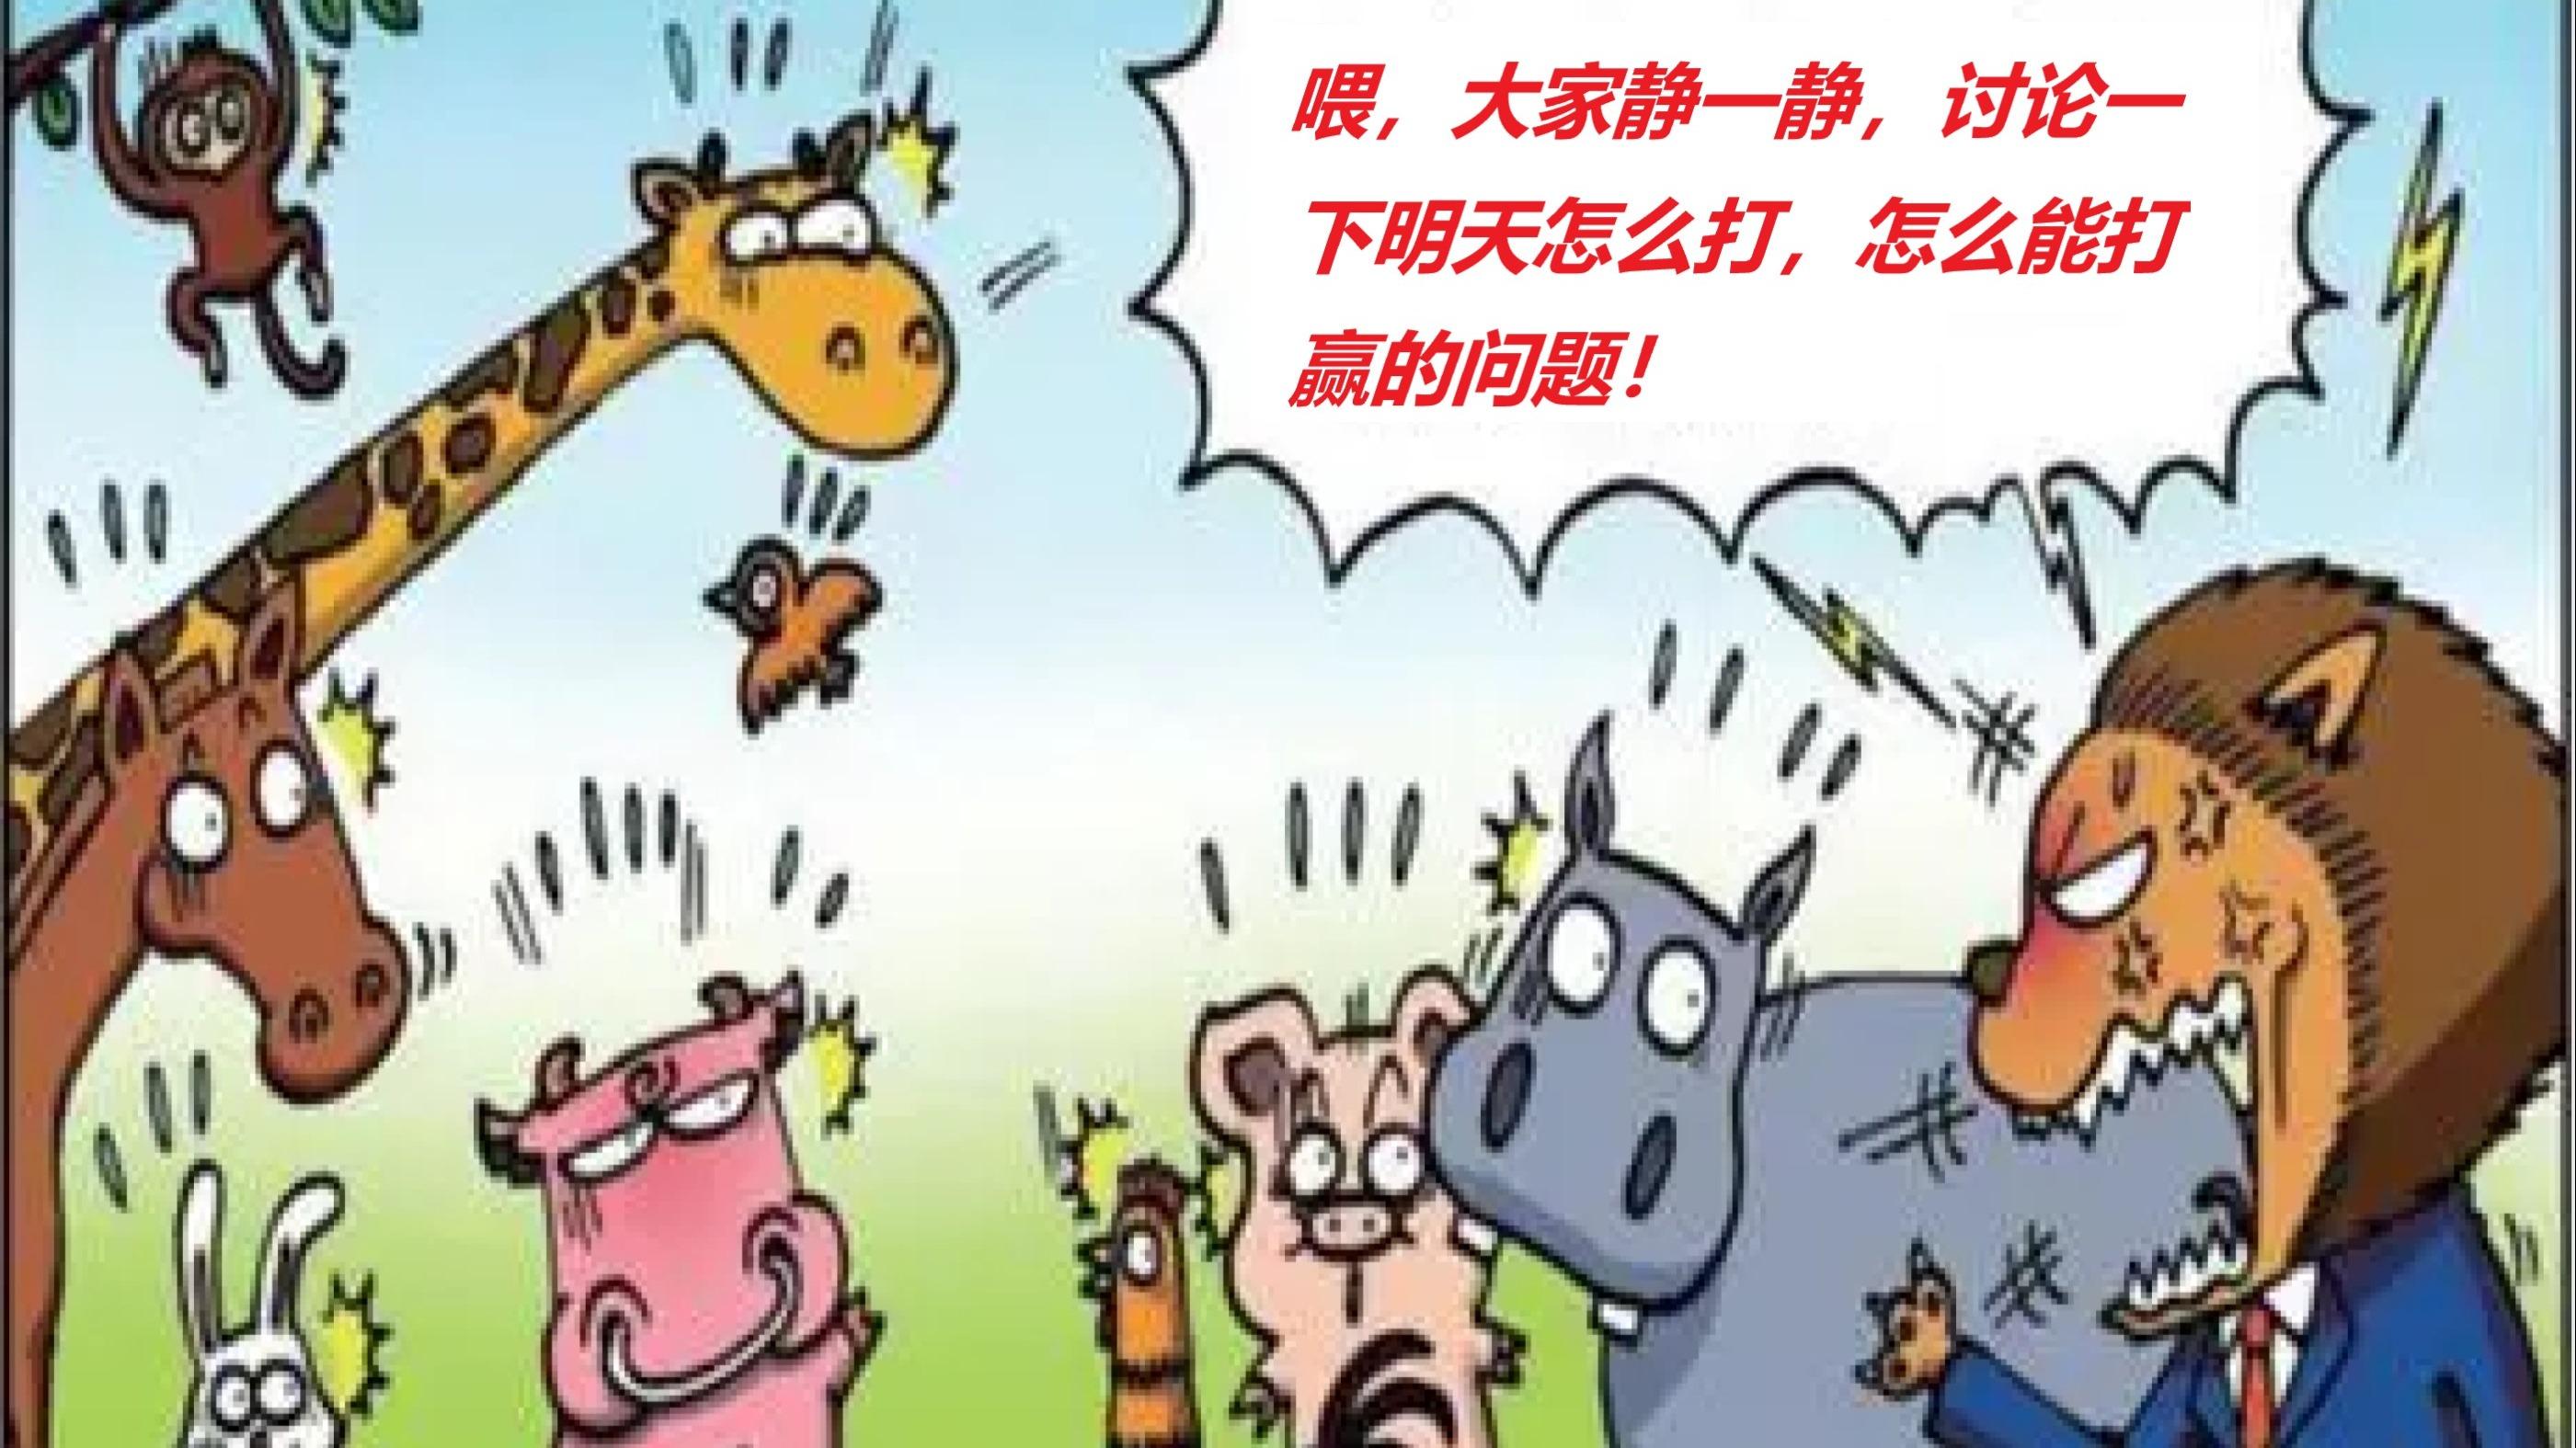 假設動物聯合起來攻擊人類,陸�?杖骈_戰,人類有多少勝算?